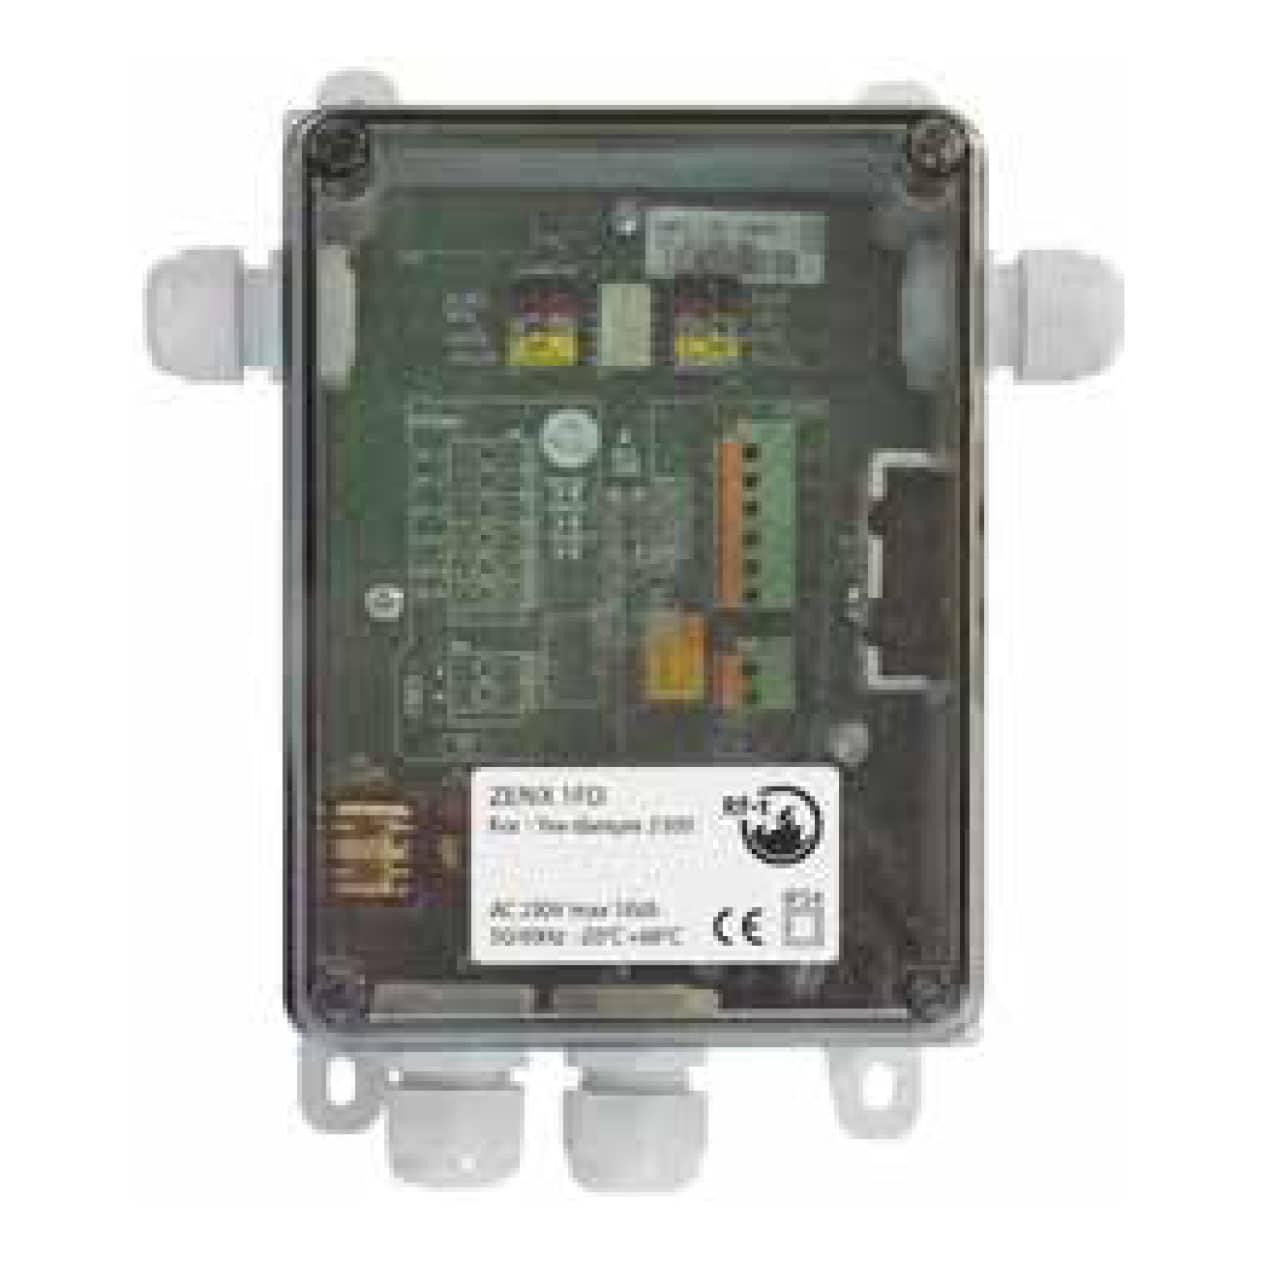 FSD-C Series Fire Damper